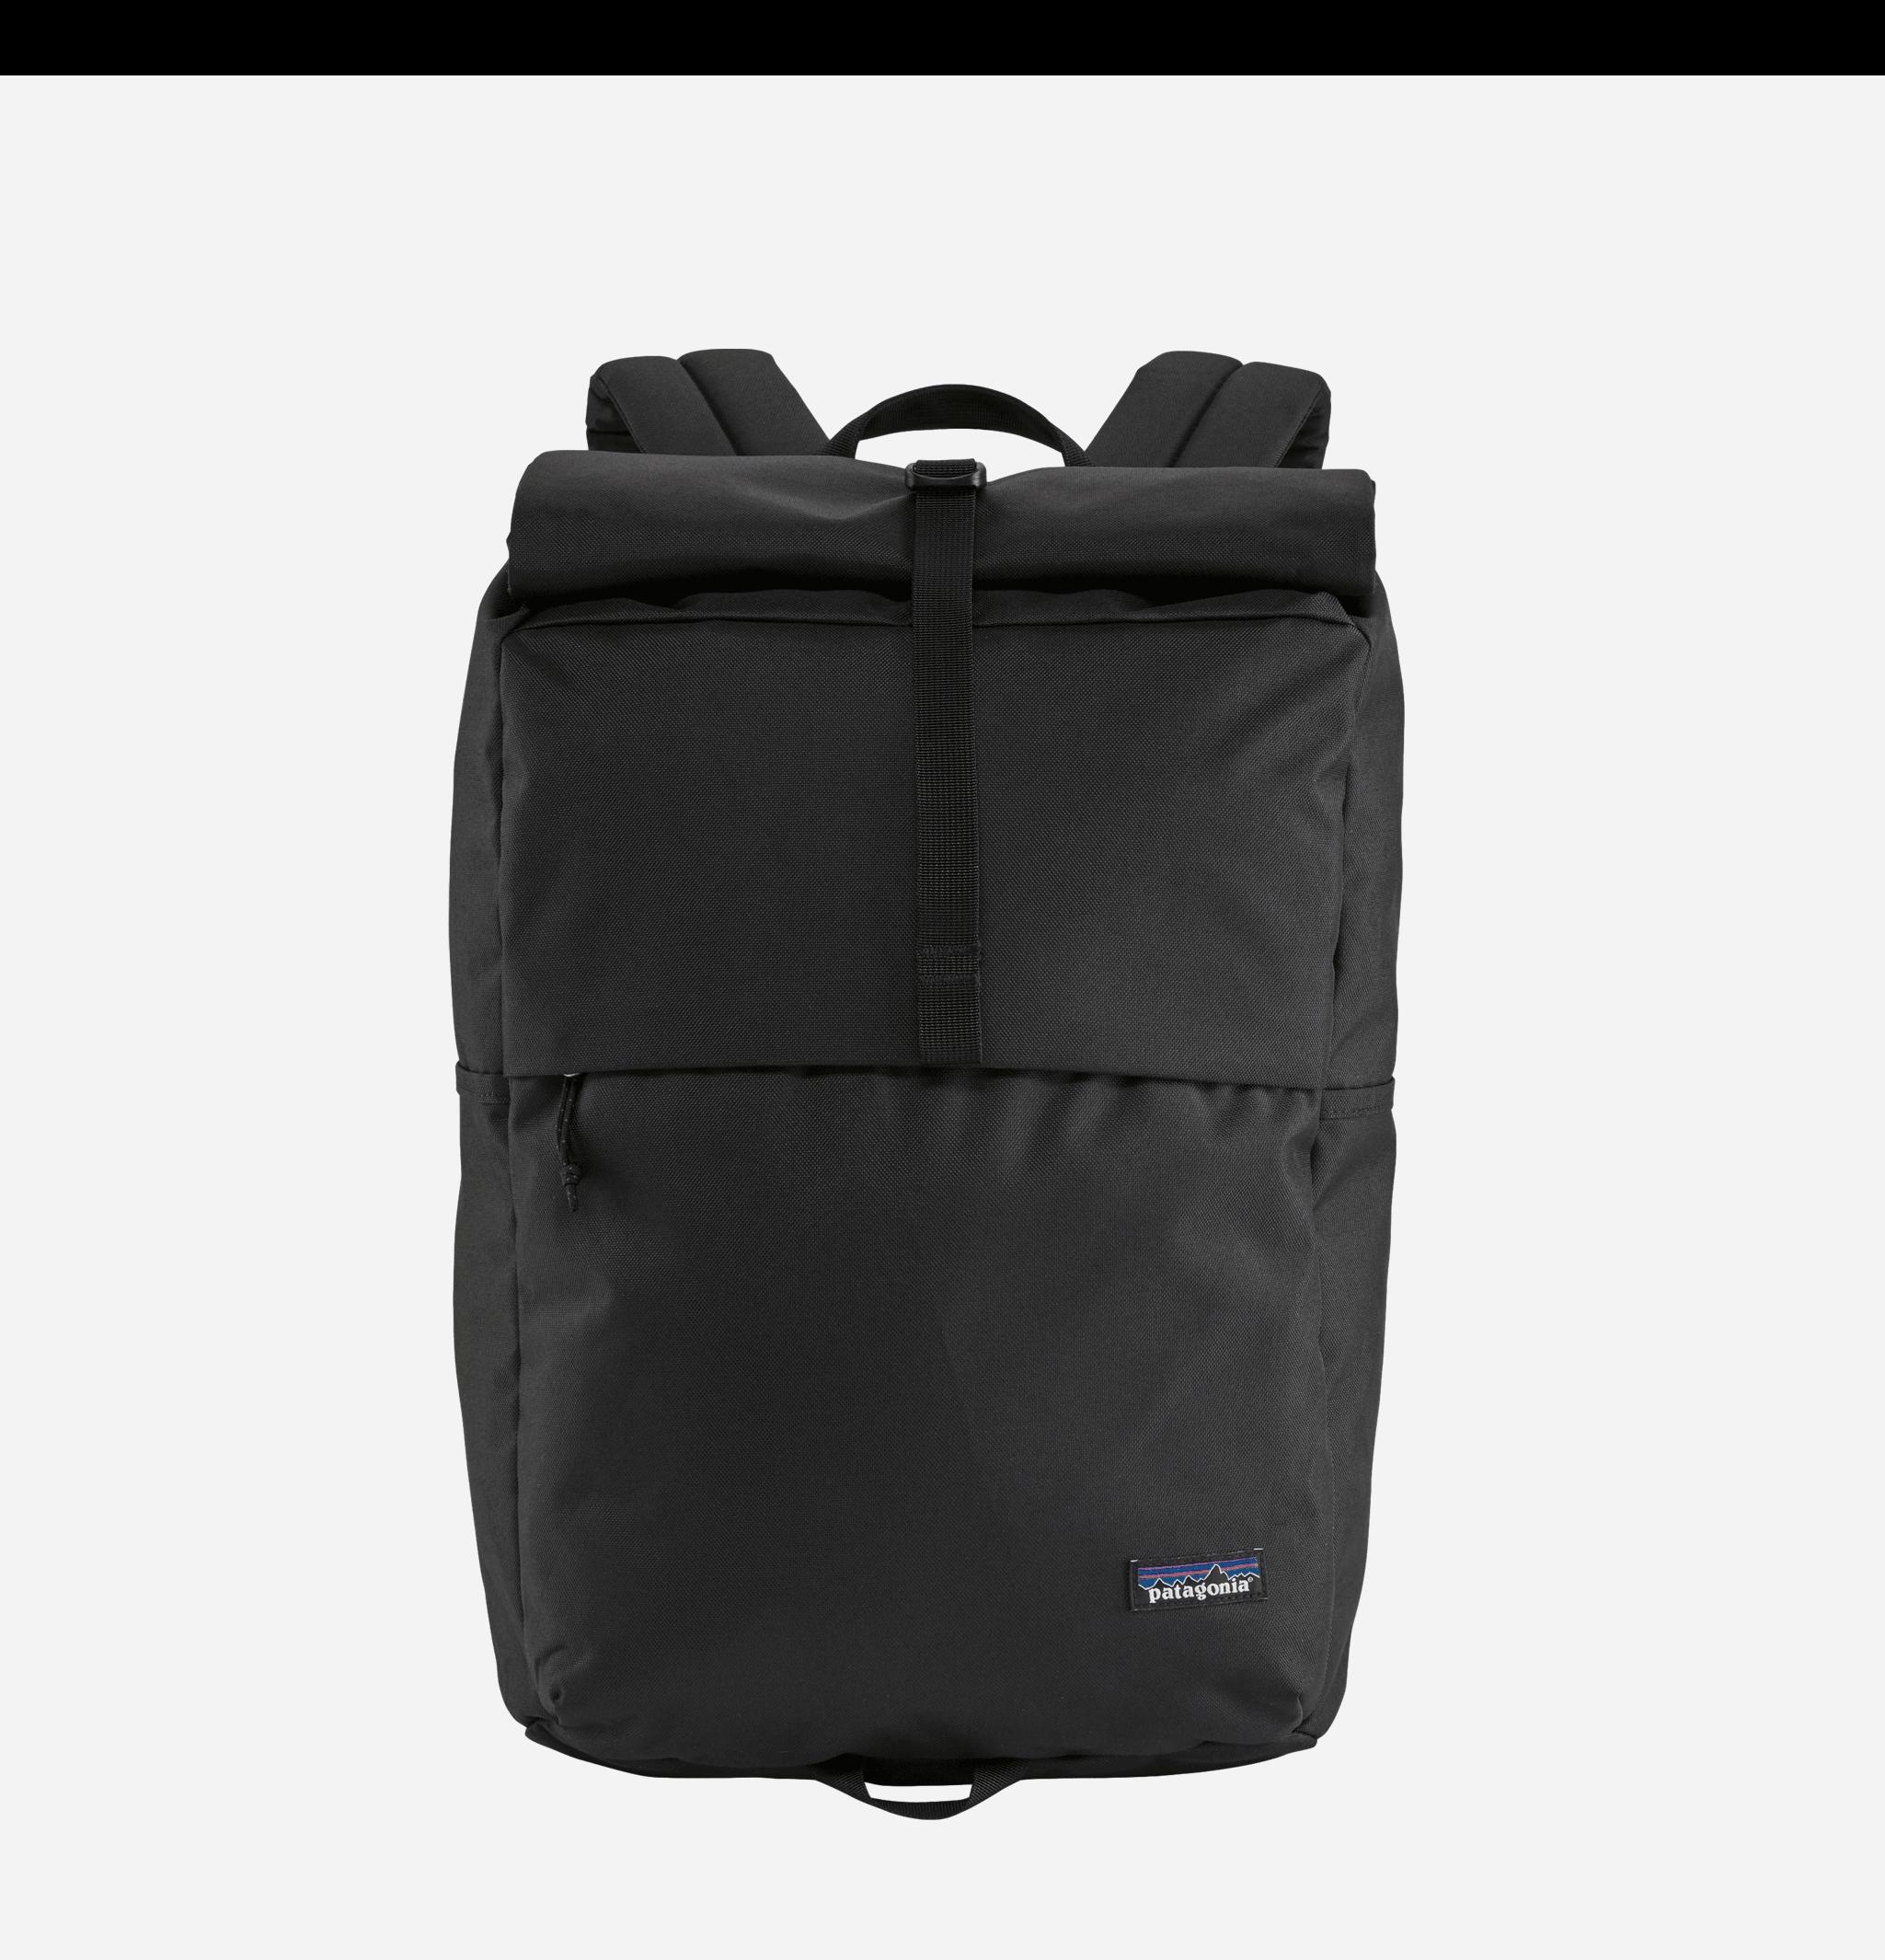 Arbor Roll Top Bag 30L Black